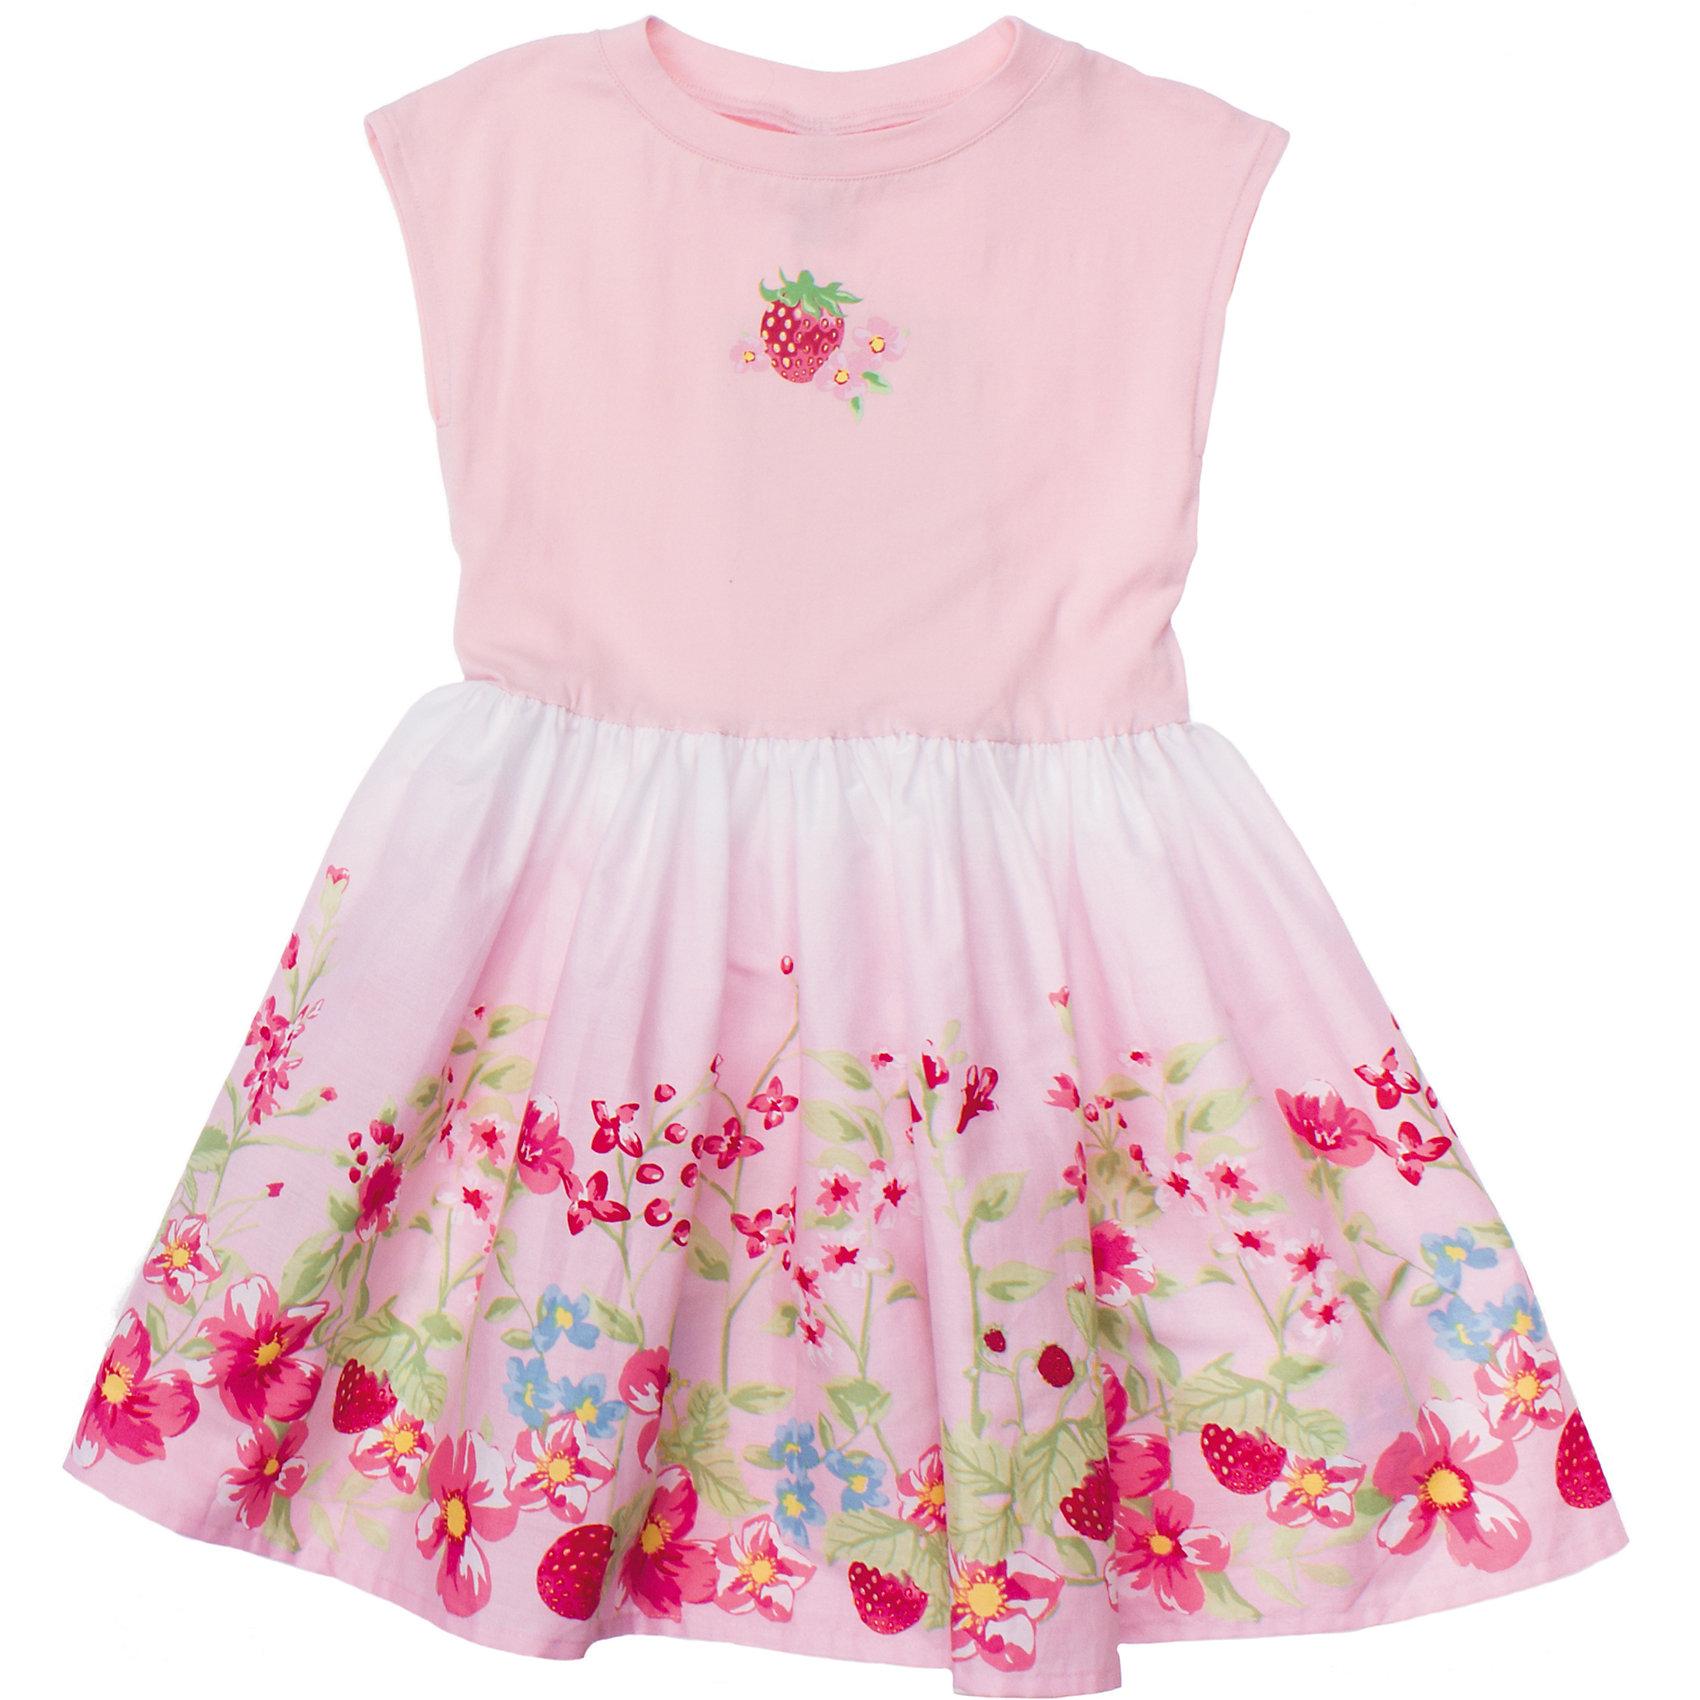 Платье PlayTodayПлатья и сарафаны<br>Мягкое хлопковое платье нежно-розового цвета. Украшено принтом с цветочками и ягодками. Есть поясок. Состав: Верх: 95% хлопок, 5% эластан; юбка: 100% хлопок<br><br>Ширина мм: 236<br>Глубина мм: 16<br>Высота мм: 184<br>Вес г: 177<br>Цвет: белый<br>Возраст от месяцев: 84<br>Возраст до месяцев: 96<br>Пол: Женский<br>Возраст: Детский<br>Размер: 128,116,98,104,110,122<br>SKU: 4652609